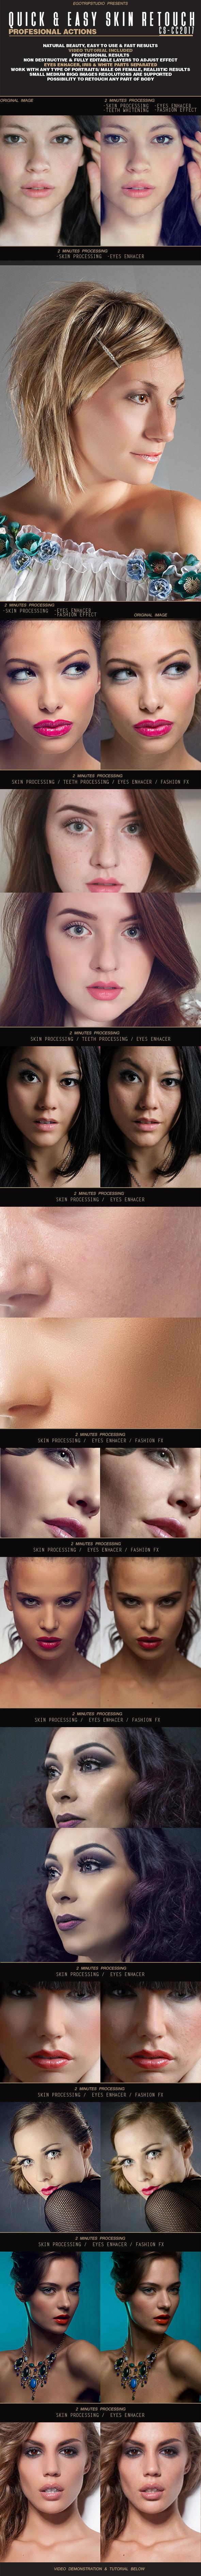 Easy Skin Retouch